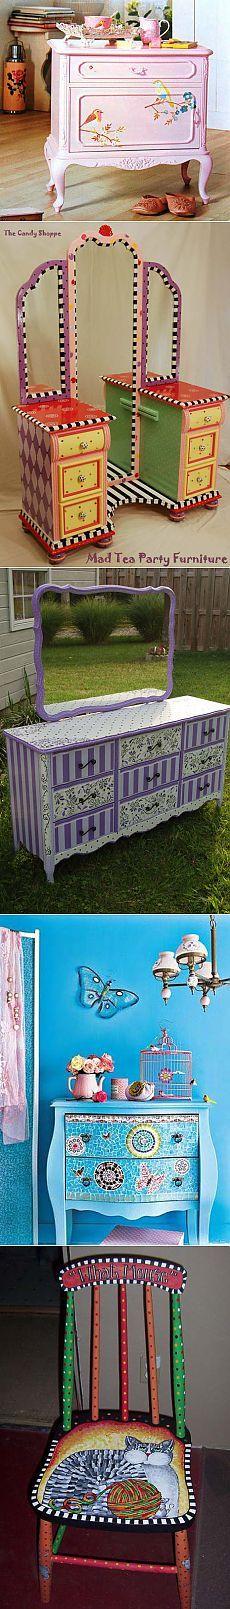 Живи красиво! - блог о дизайне и декоре: весёлая расписная мебель